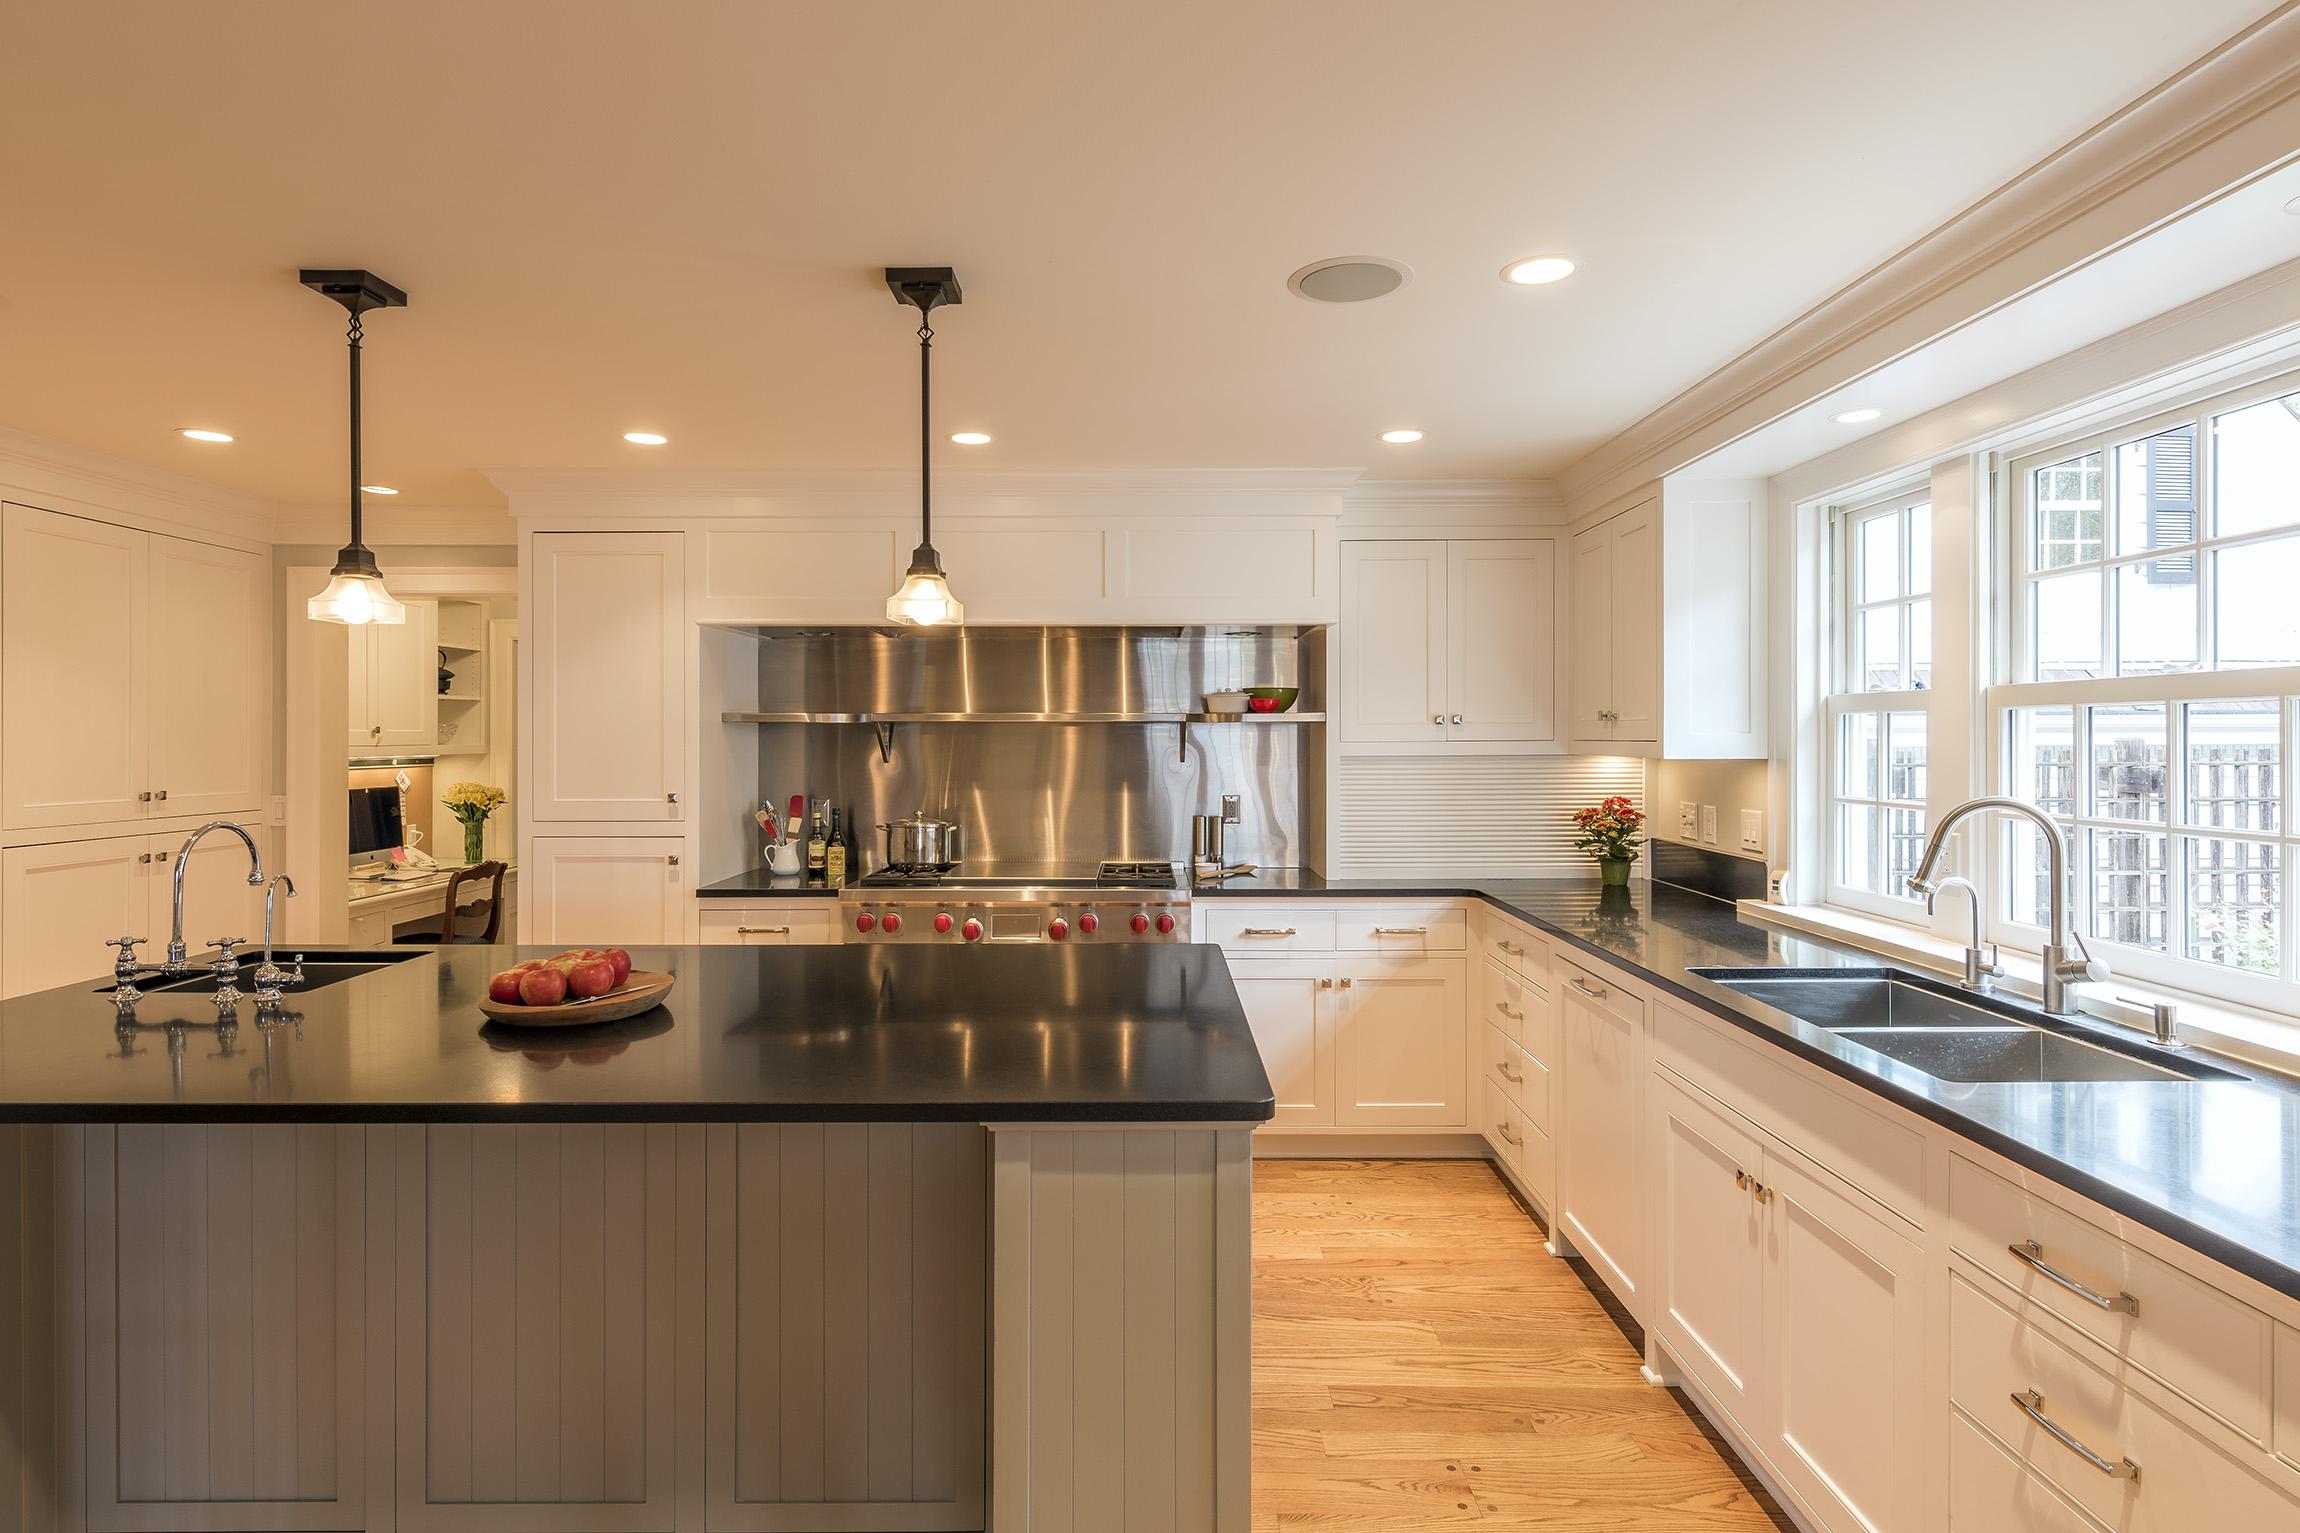 kitchen1Dc.jpg